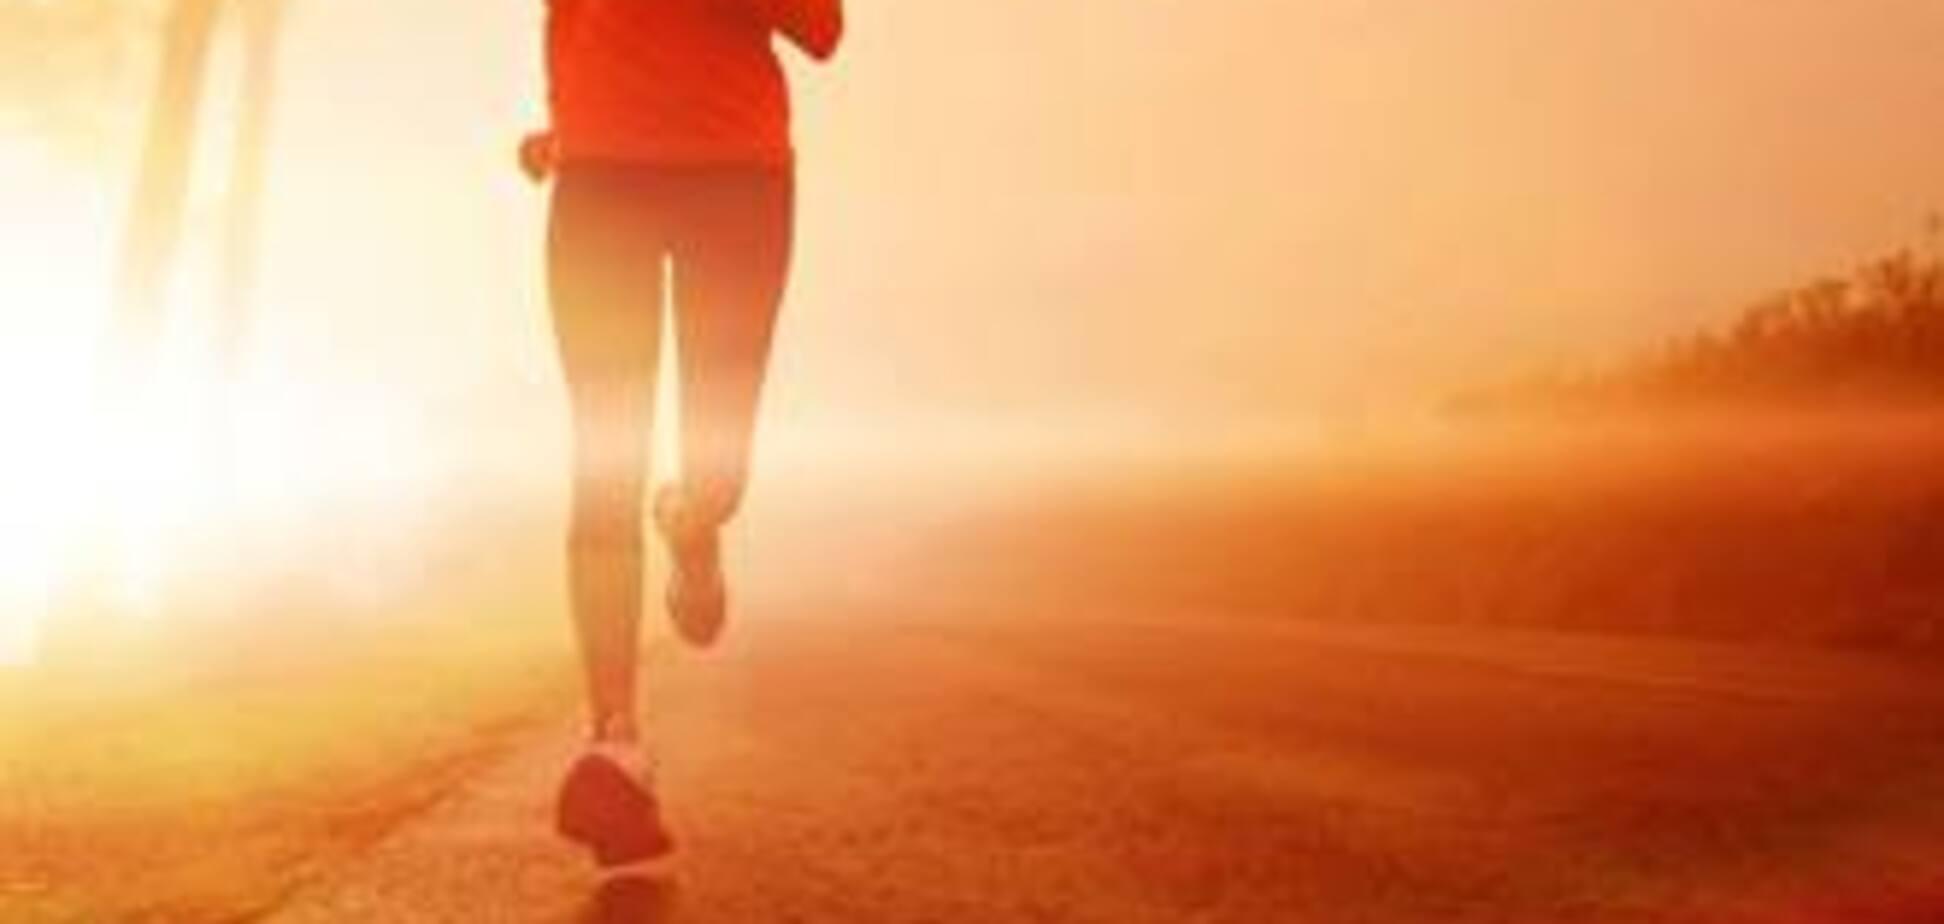 Бути здоровим - це не лише спорт і модні дієти